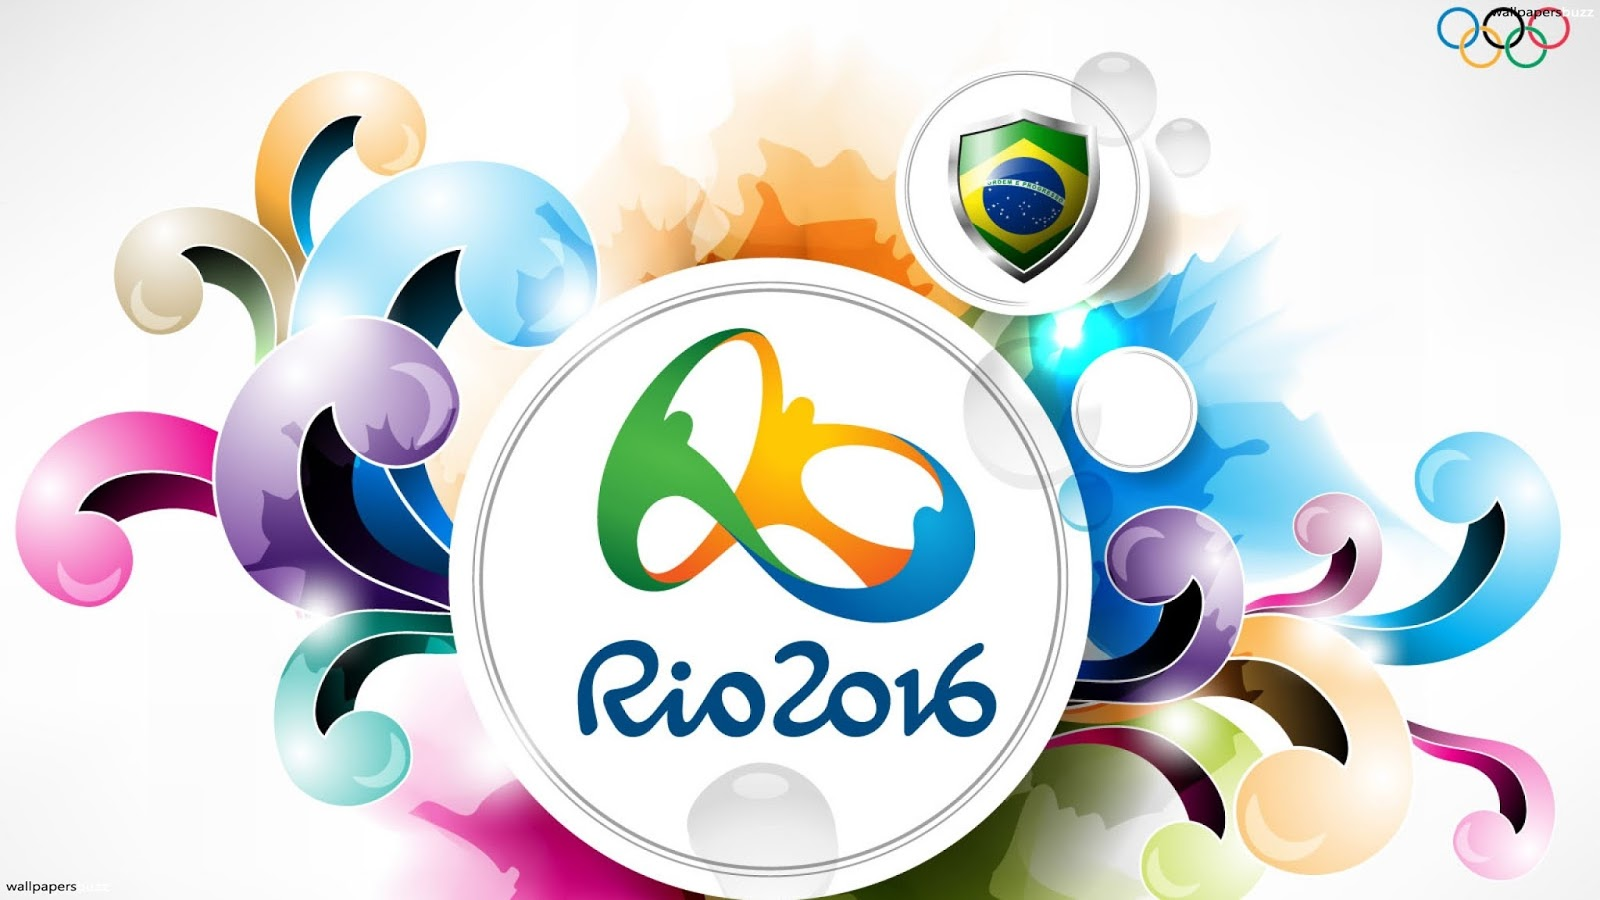 Sá E Guarabyra - Sobradinho: testo tradotto - Canzone Olimpiadi RIO 2016 Traduzione